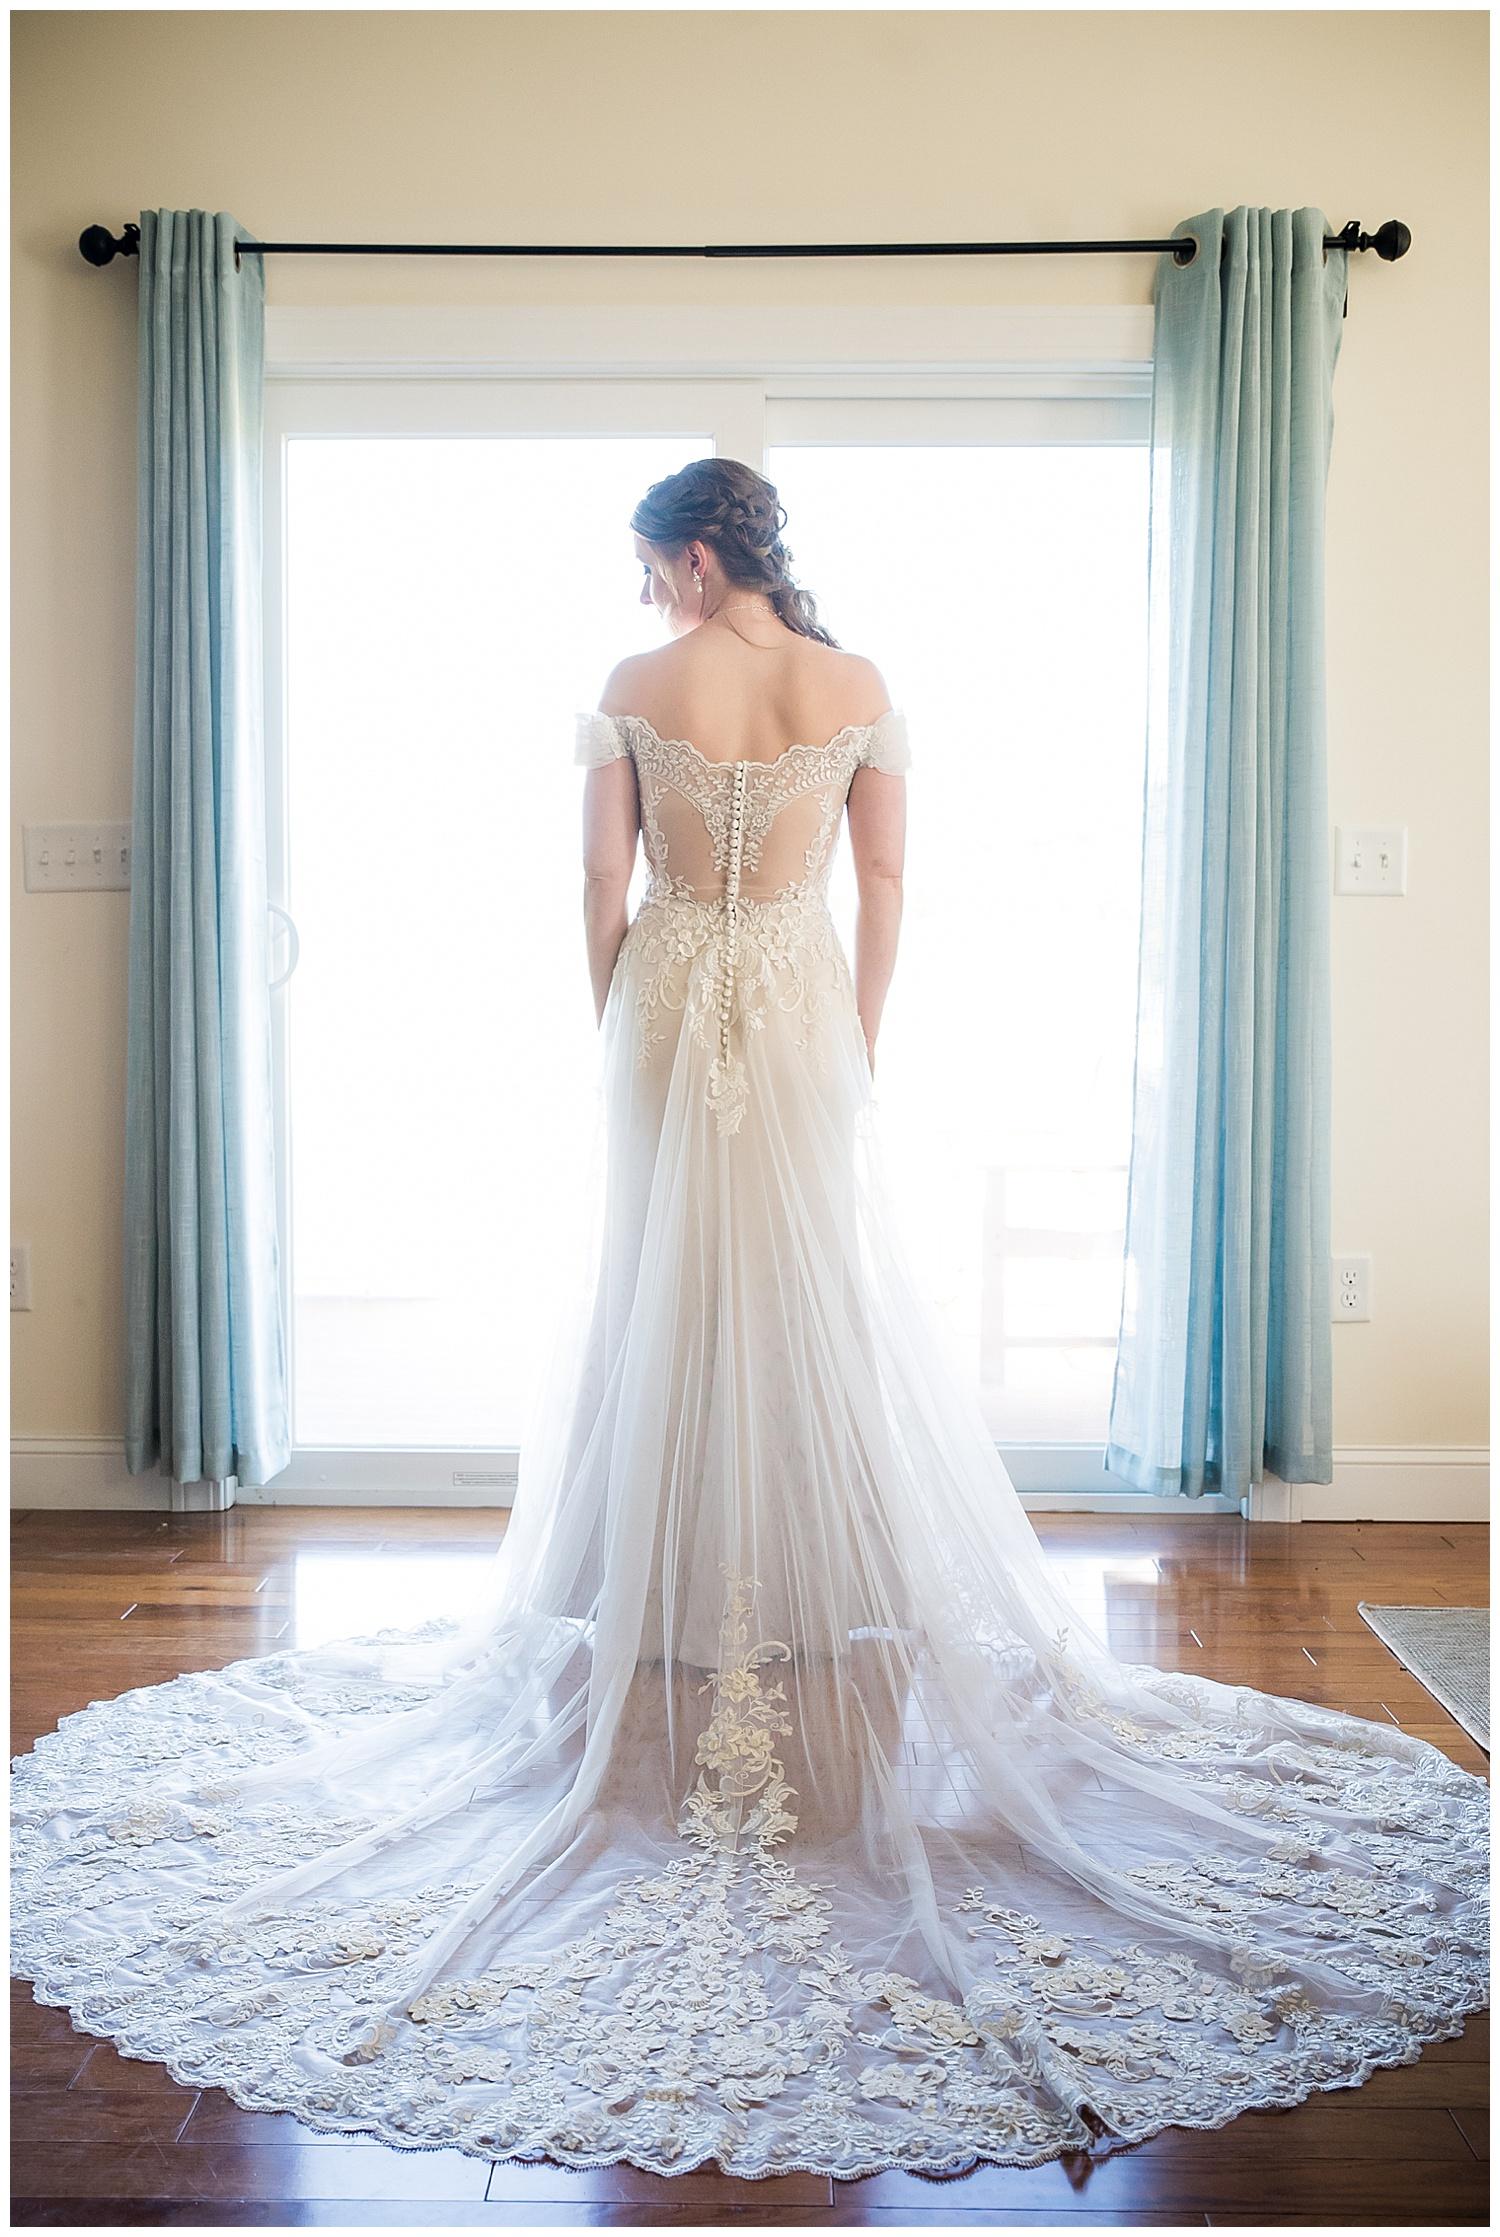 Owl's Nest White Mountain Wedding - Bridal Portrait